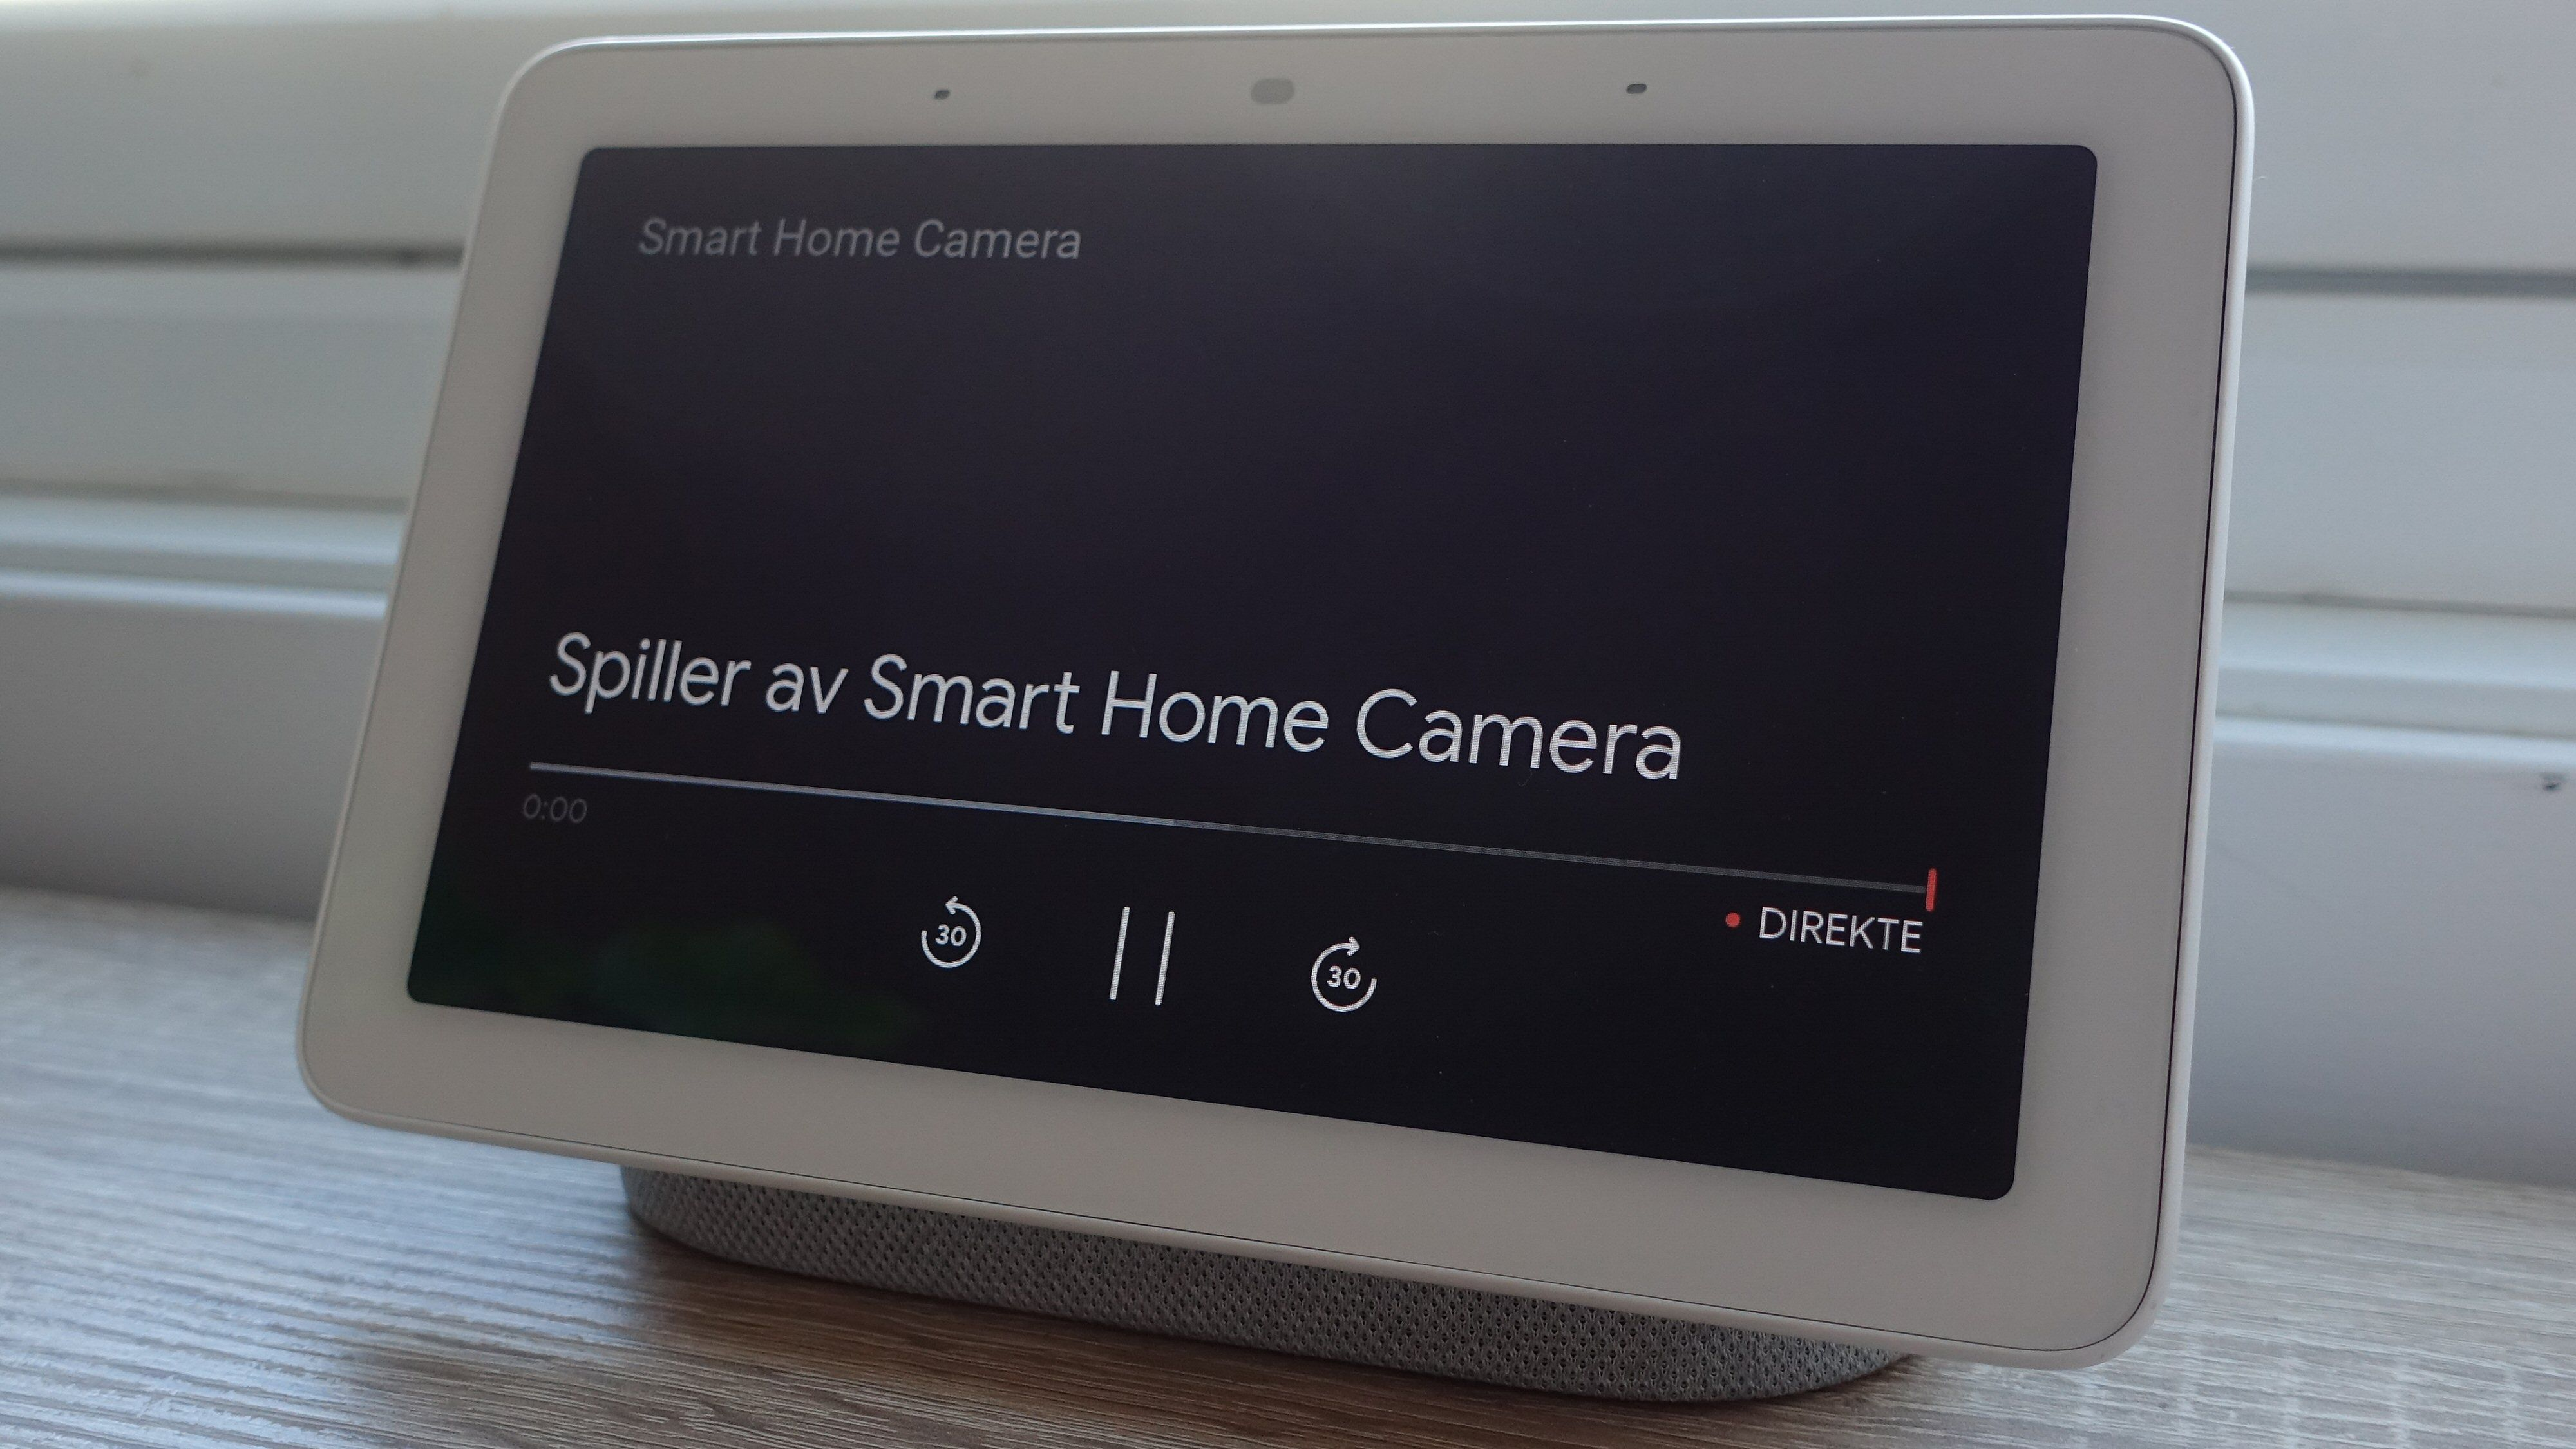 Støtte for Google Home betyr at vi kan strømme bildet fra kameraet rett på vår Nest Hub om vi vil.